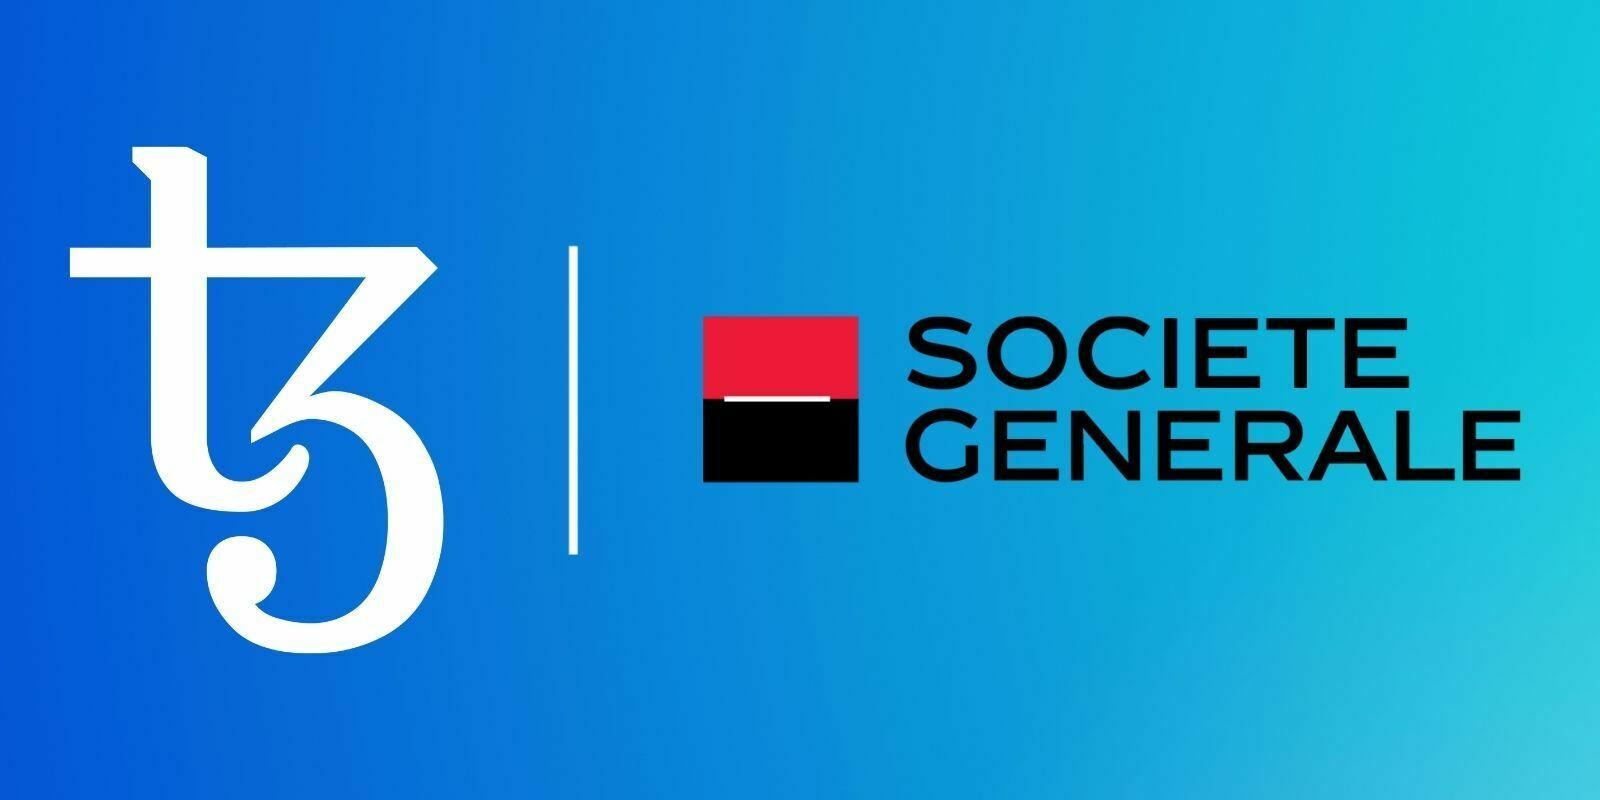 La Société Générale émet un security token sur la blockchain Tezos (XTZ)